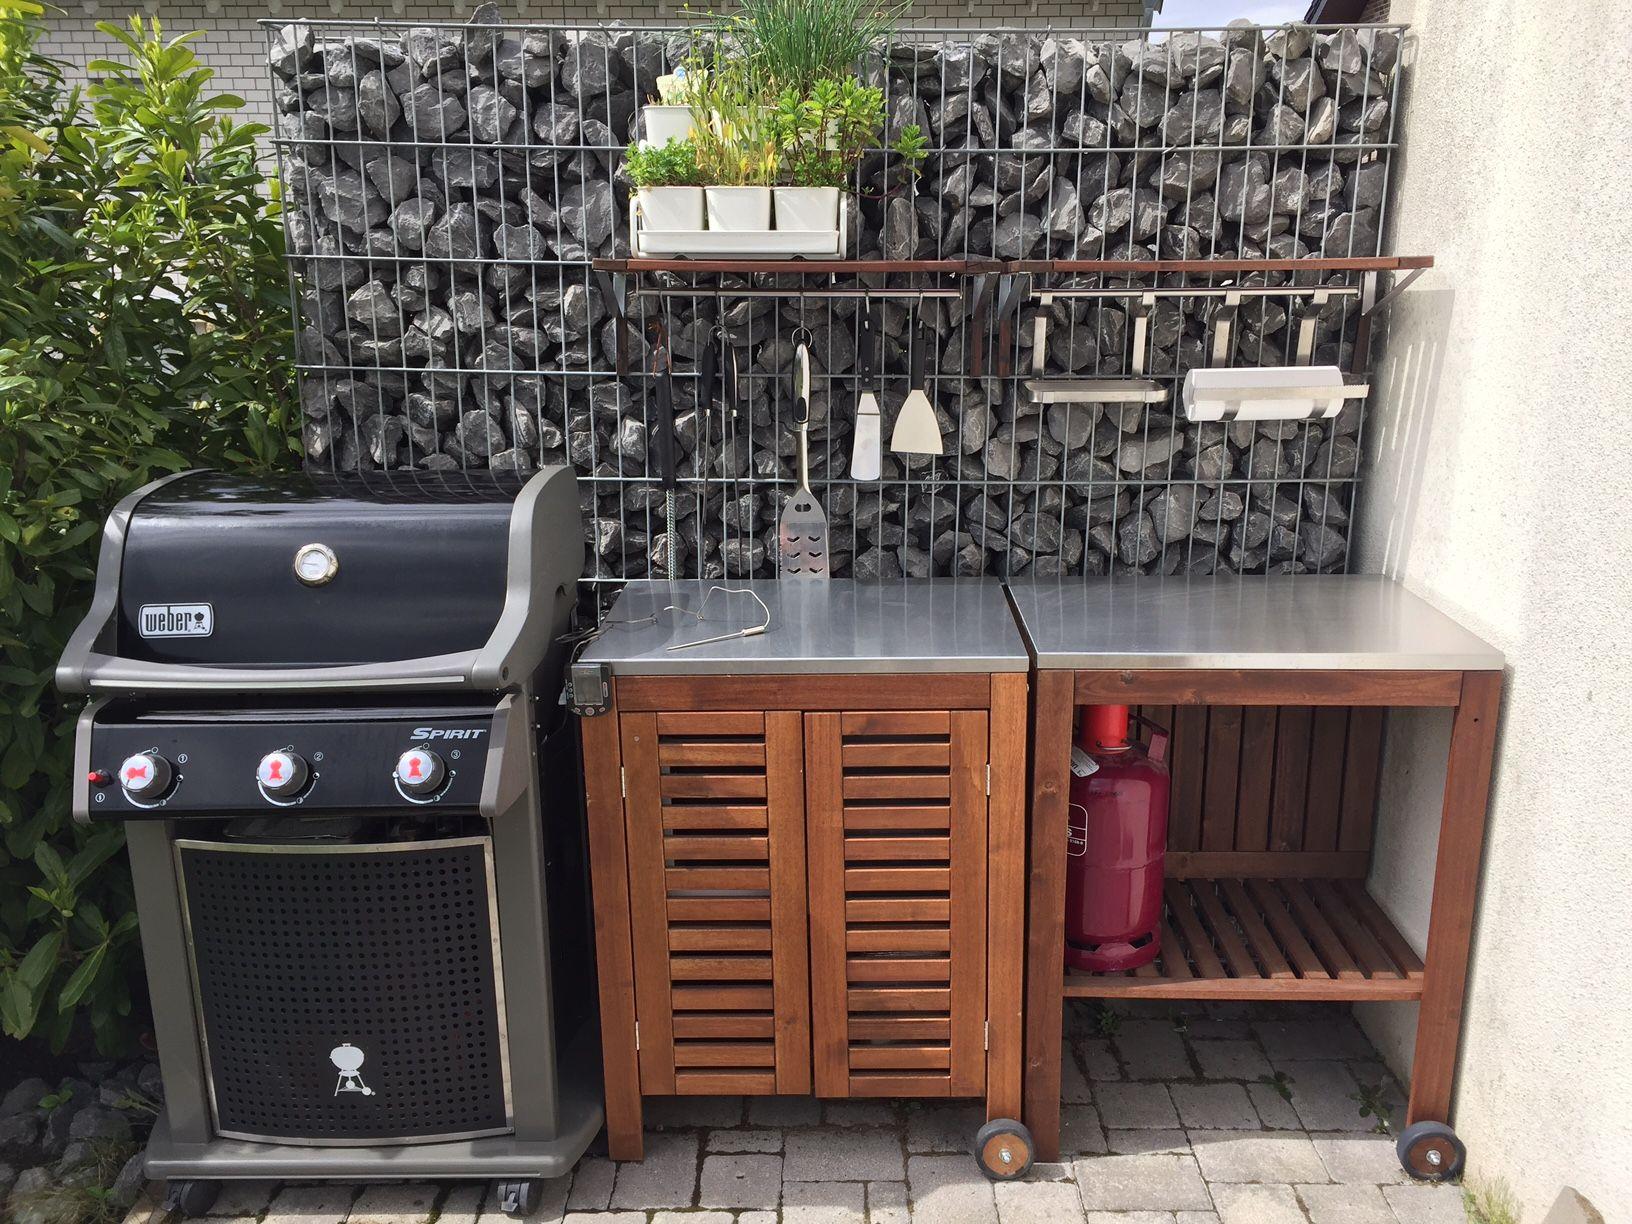 Full Size of Outdoor Küche Ikea Pplar Modding In 2020 Einbauküche Kaufen Aufbewahrungssystem Selber Bauen Edelstahlküche Gebraucht Aluminium Verbundplatte Wohnzimmer Outdoor Küche Ikea